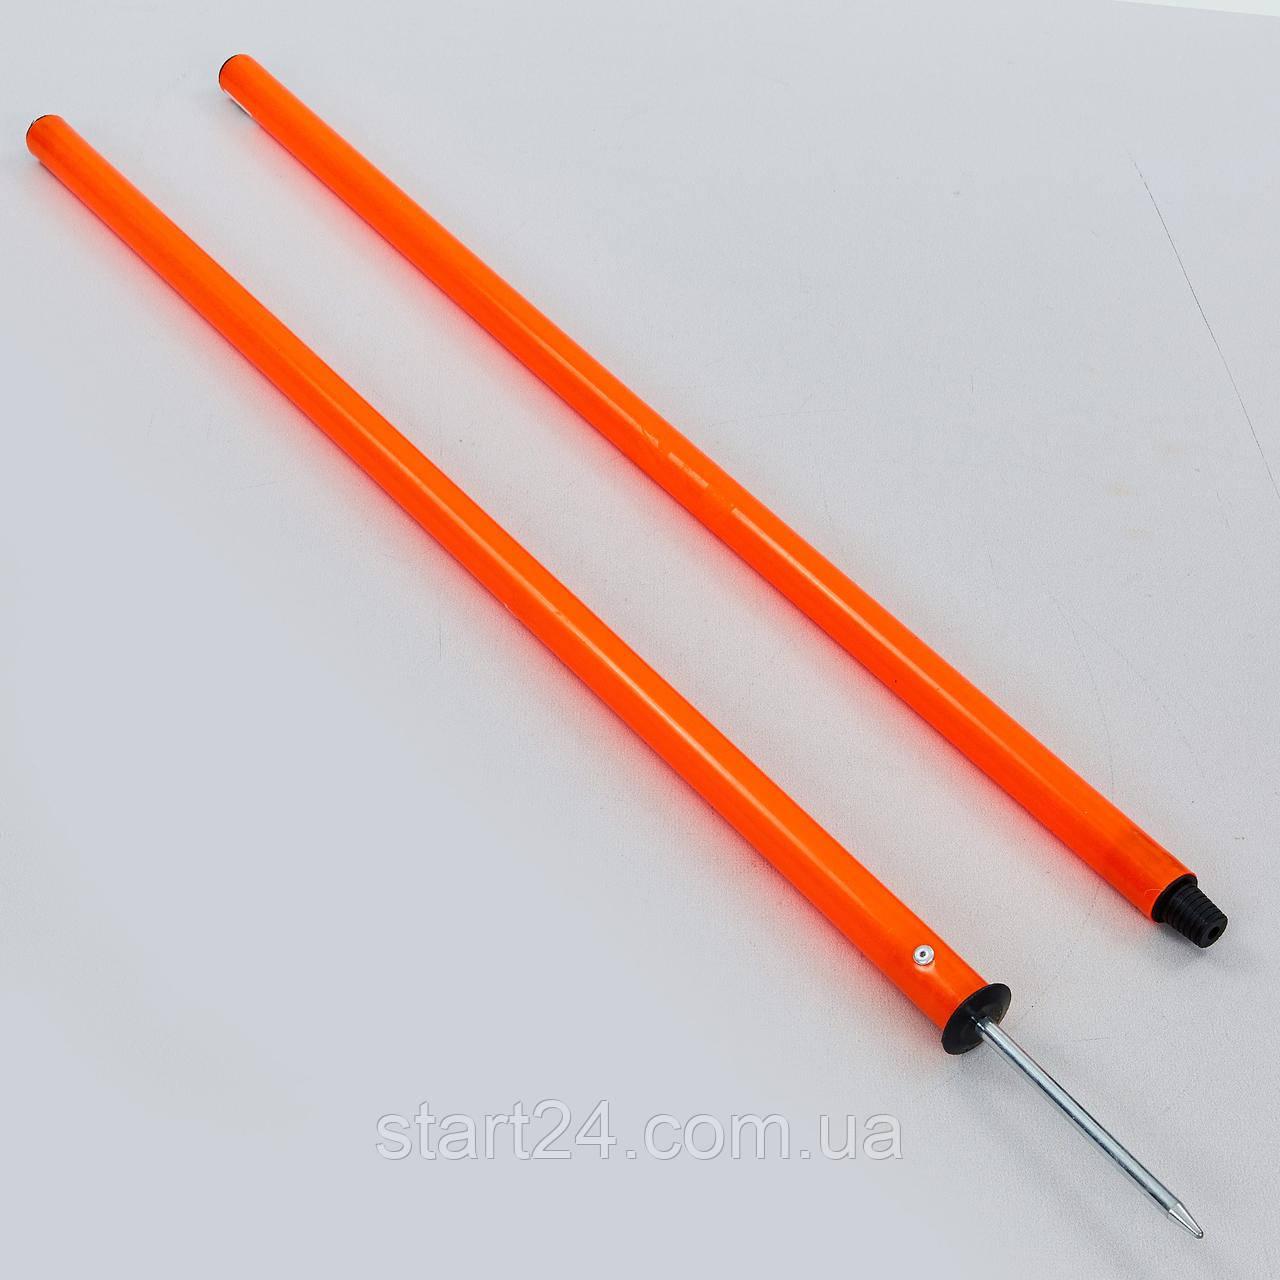 Шест для слалома тренировочный 2 сложения C-0820 (пластик, метал. штык для крепления в грунт, 160x2см, цвета в ассортименте)